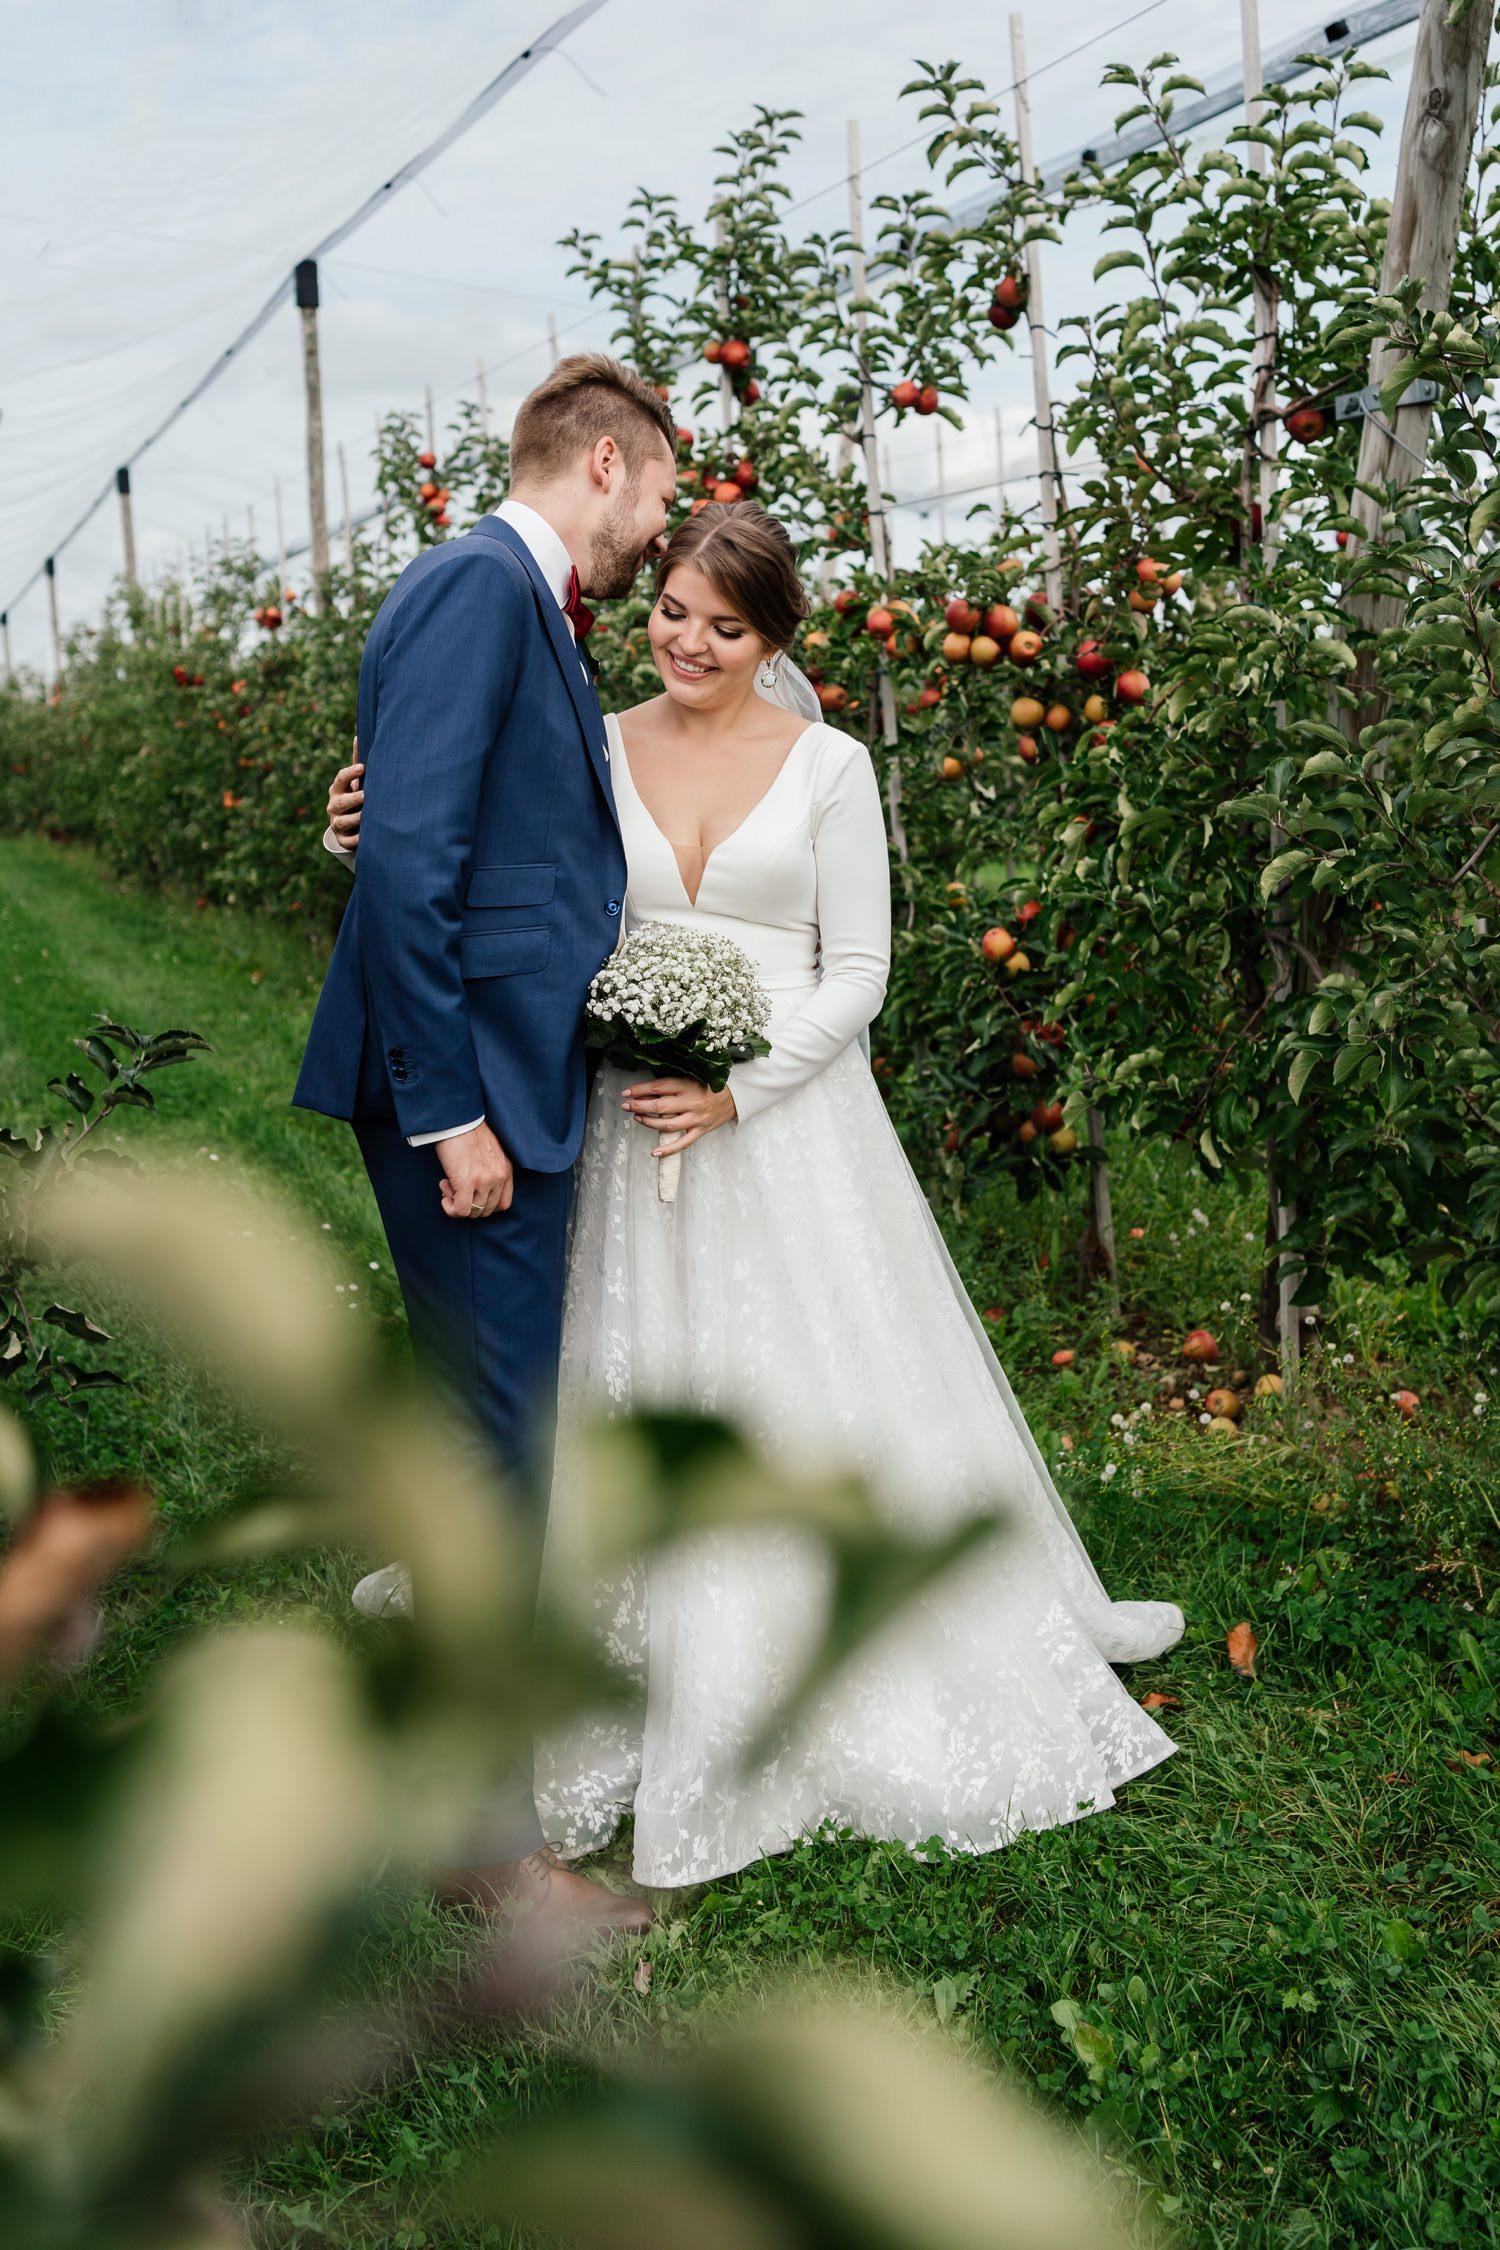 Fotograf für Hochzeit in Friedrichshafen